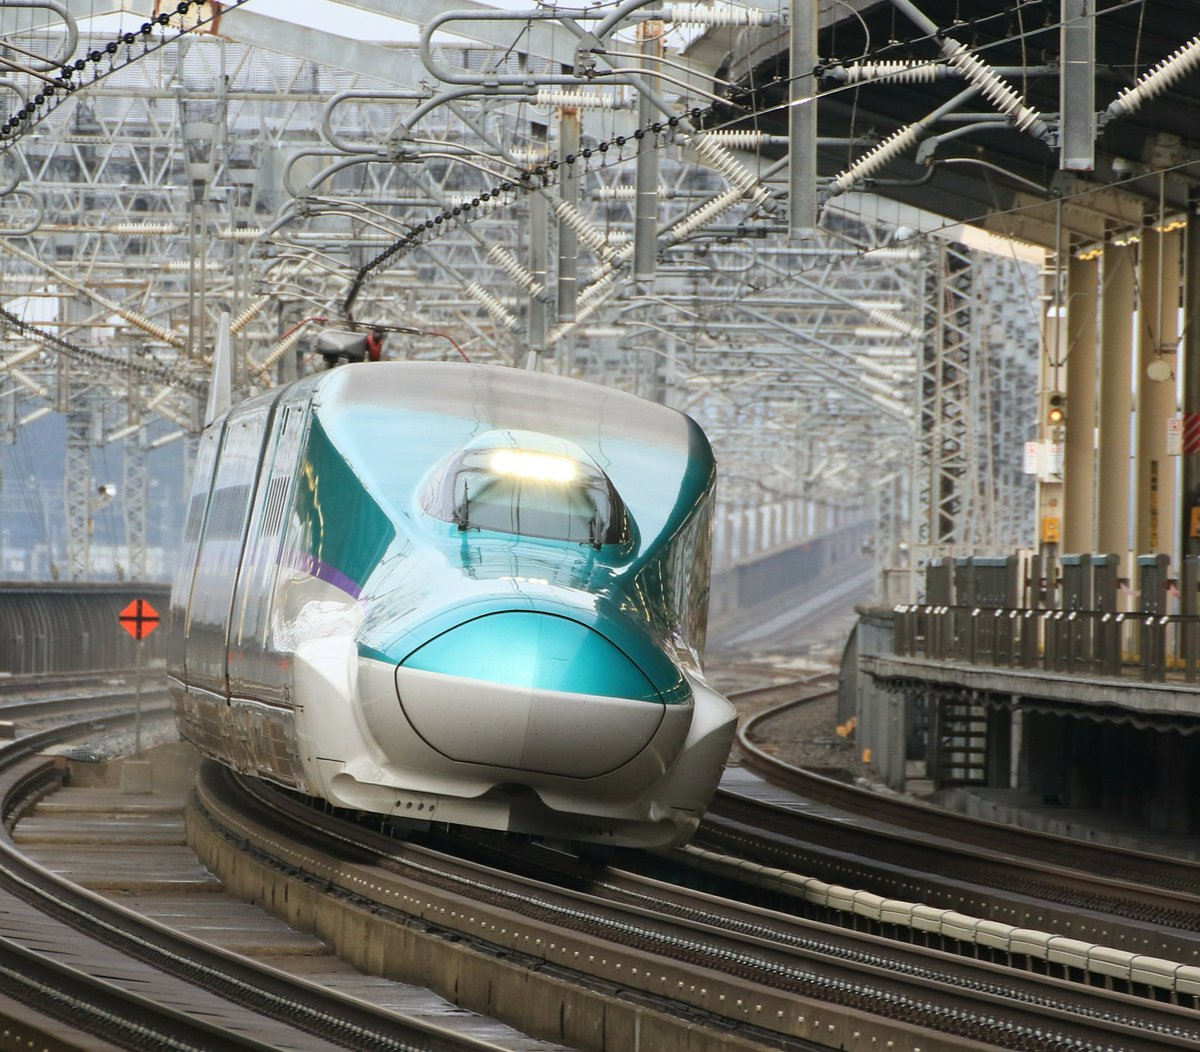 北海道 新幹線 H5 系 ~ 無料の印刷可能なイラスト畫像